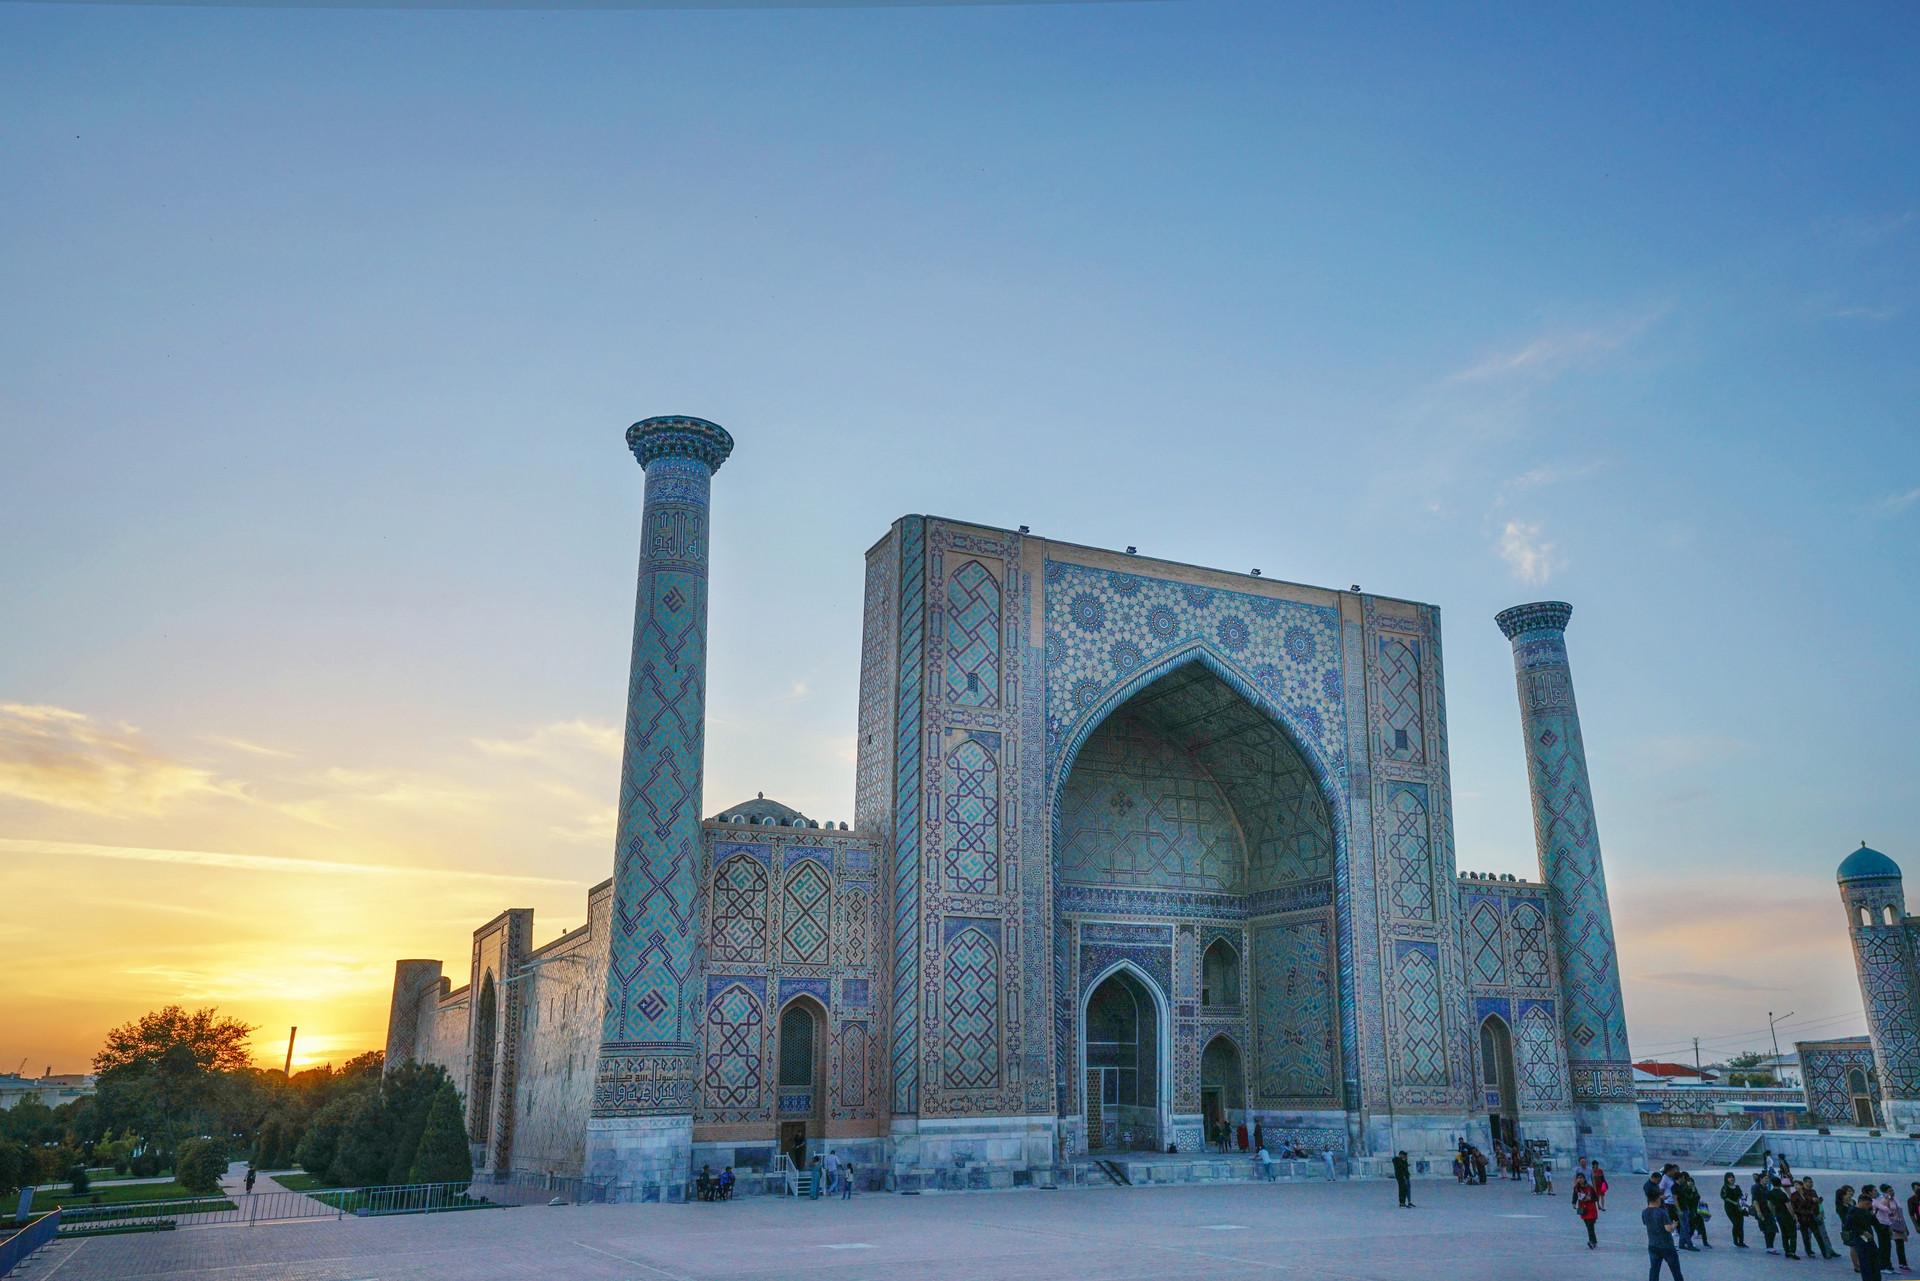 【中亚三国】<哈萨克斯坦、乌兹别克斯坦、吉尔吉斯斯坦11天游>